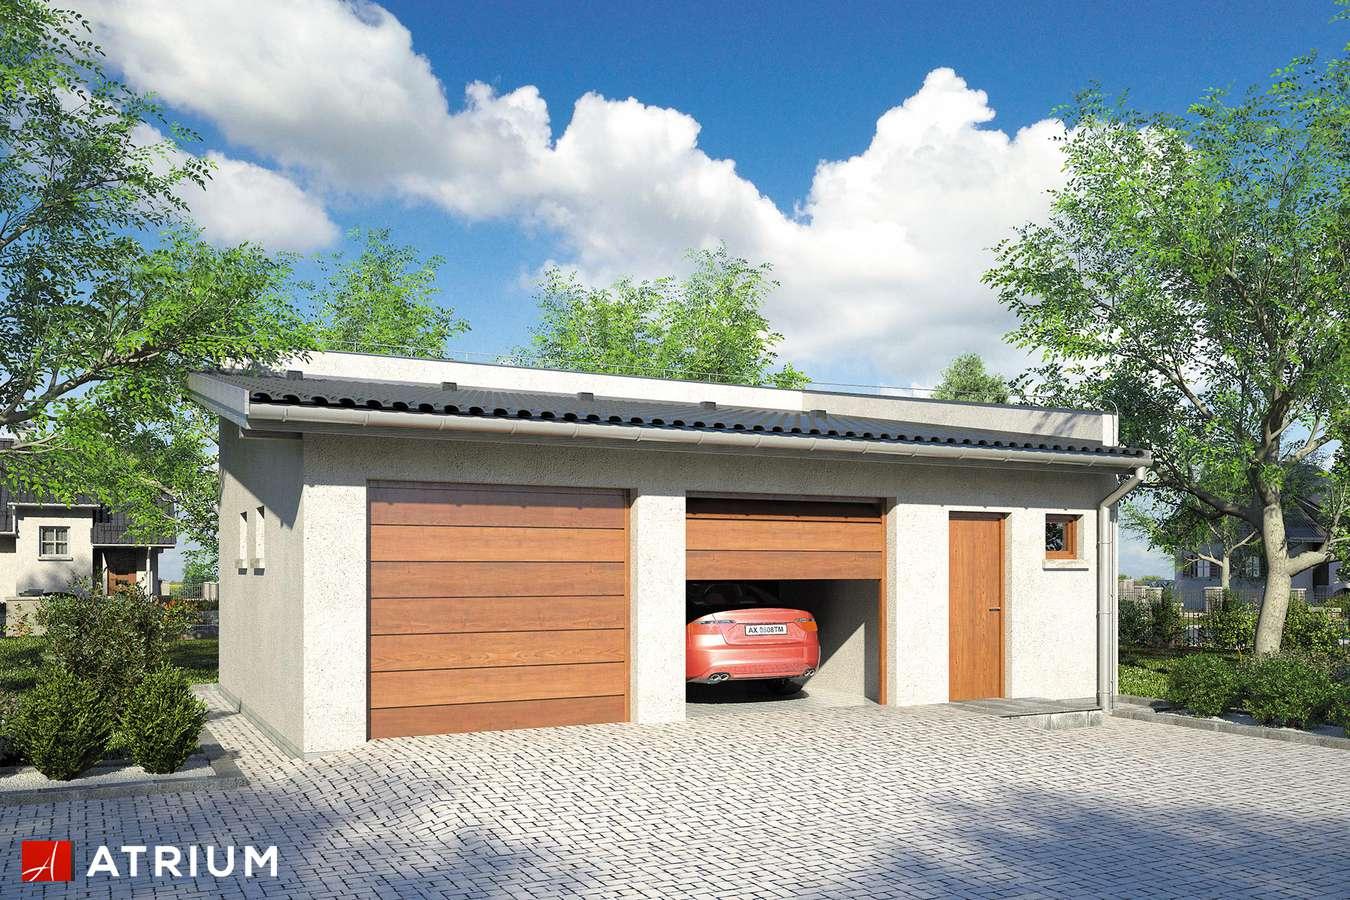 Garaż Z 24 - wizualizacja 1